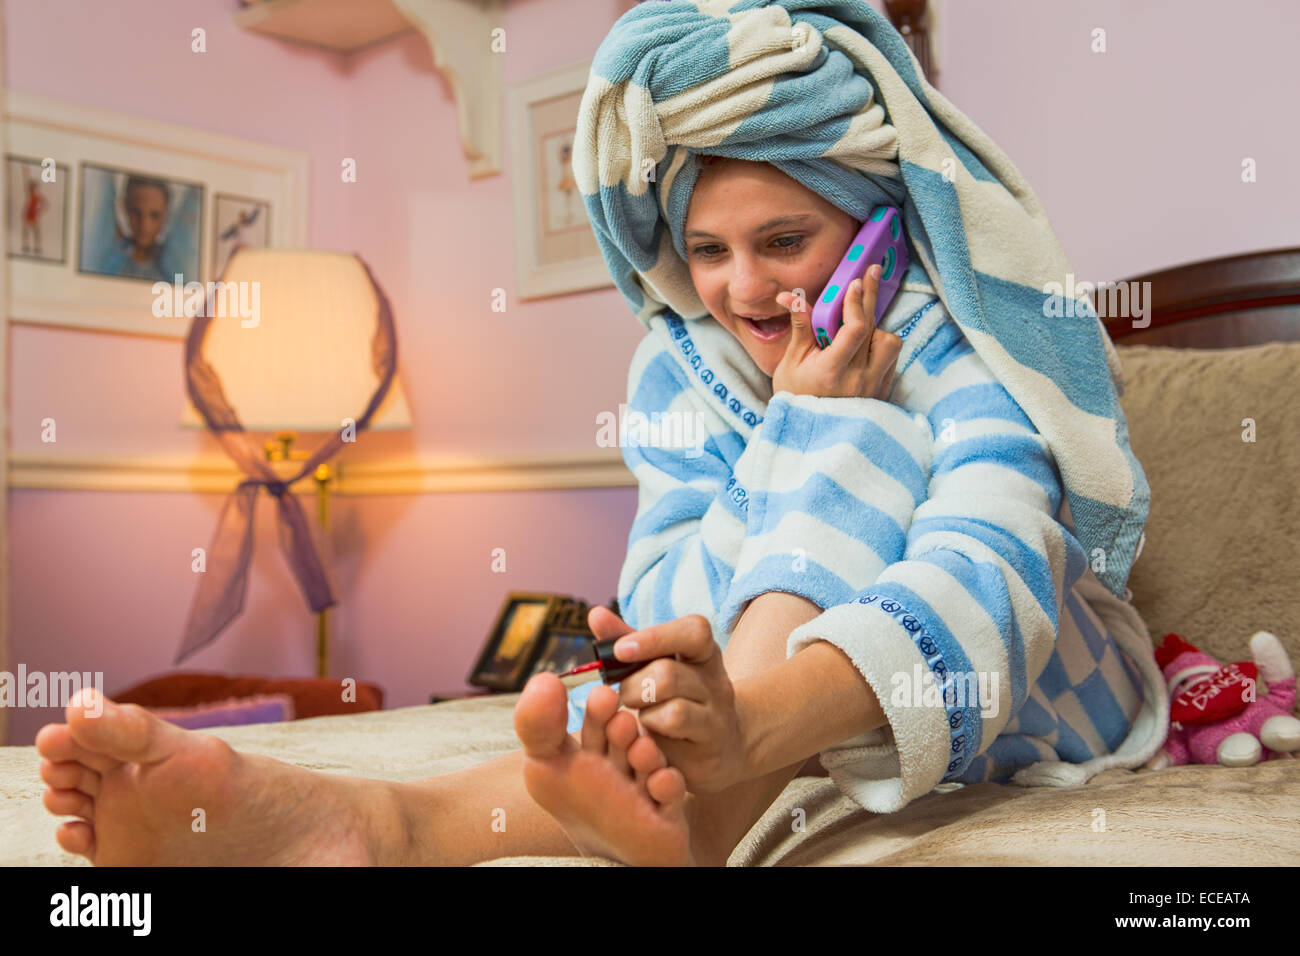 Mädchen sitzen auf Bett telefonieren mit Handy während der Malerei Zehennägel Stockbild